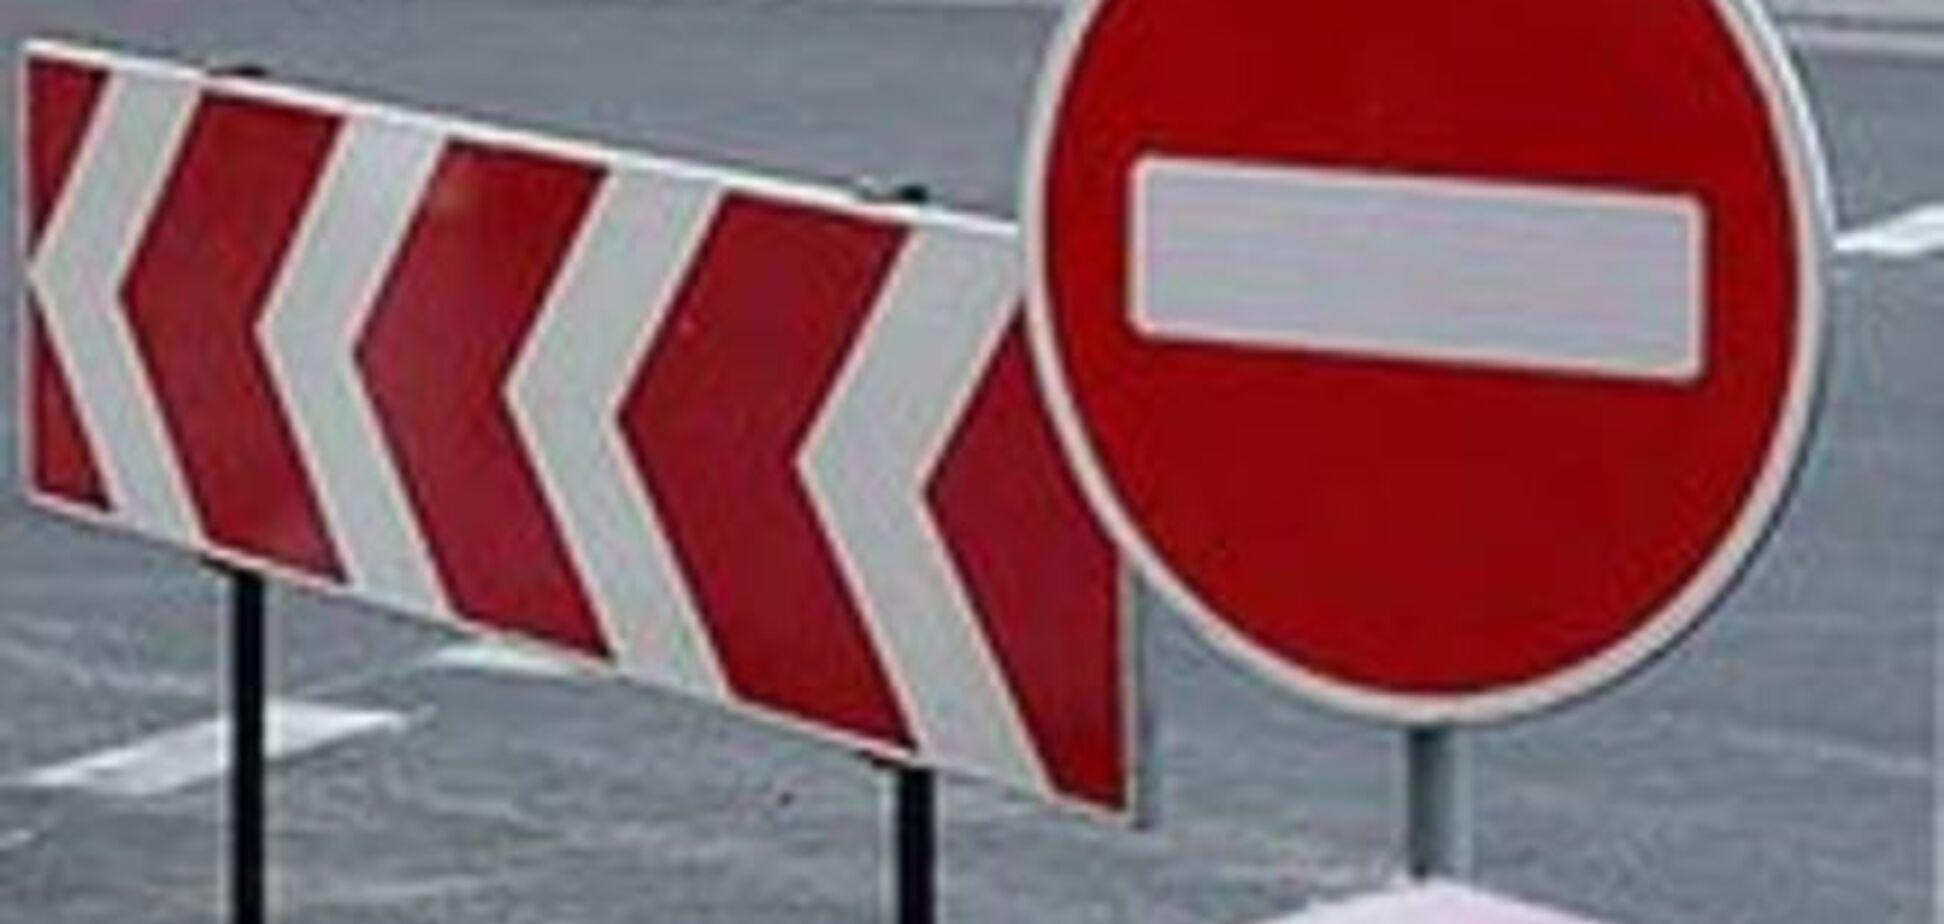 Движение транспорта из Донецка заблокировано – ГАИ перекрыла дороги